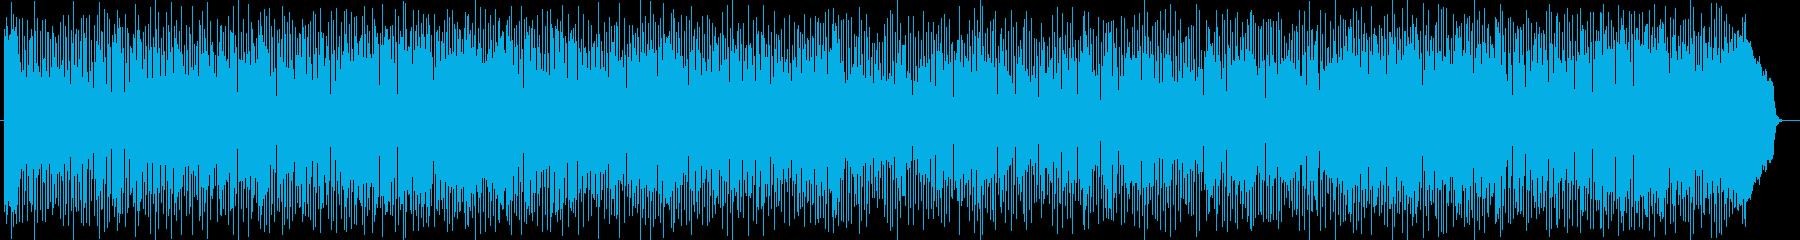 ストリングスの音色のポップスの再生済みの波形